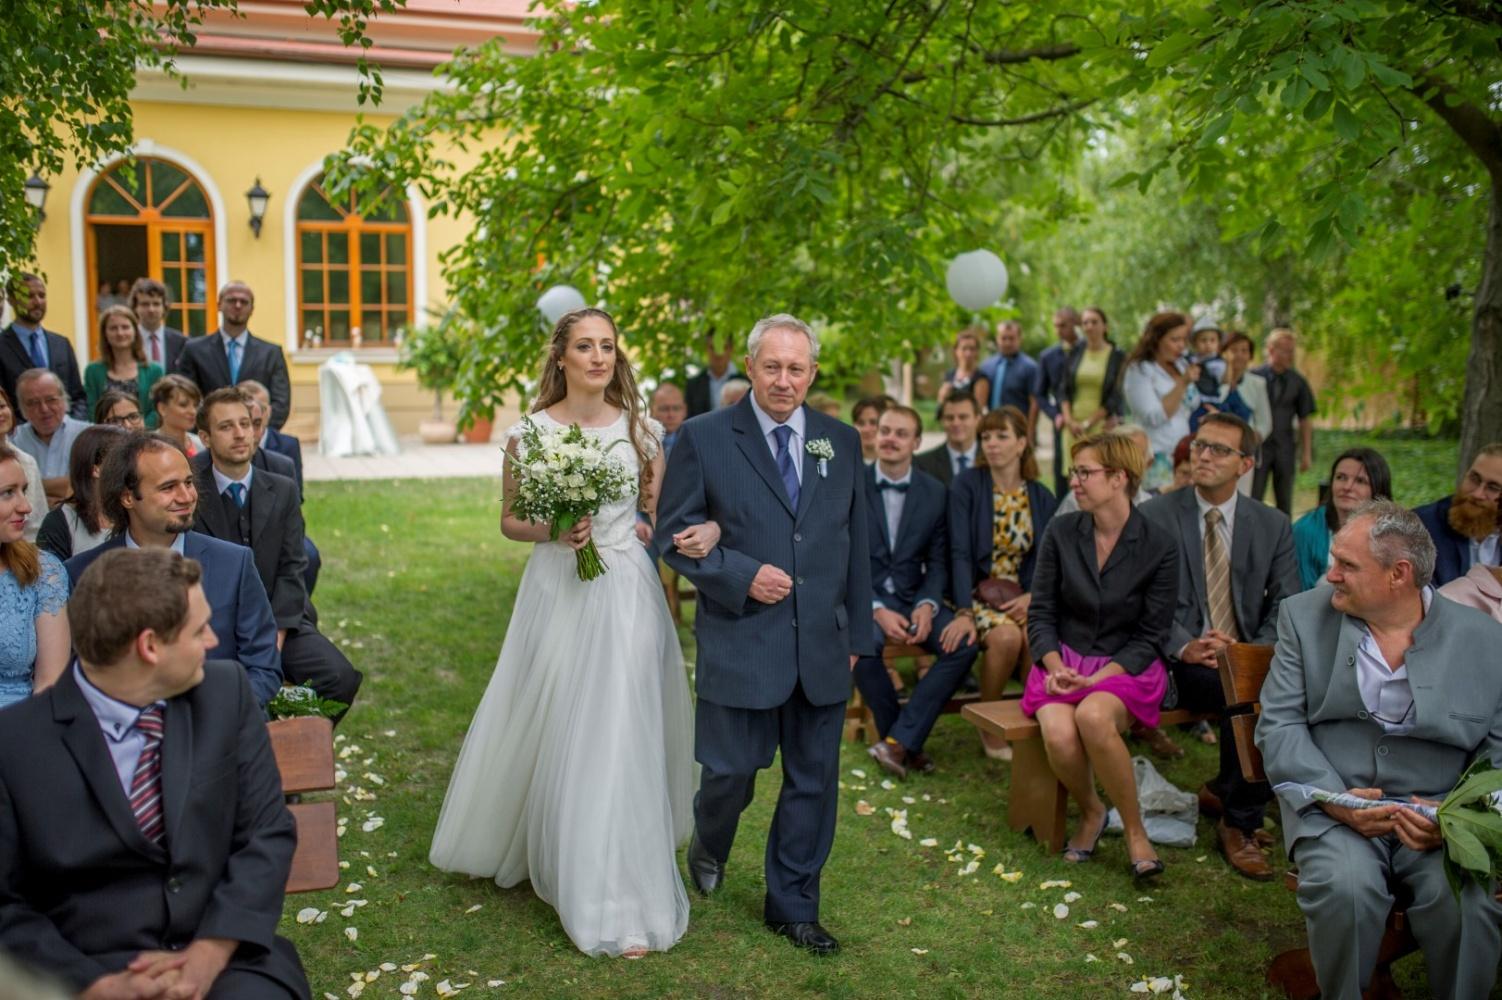 http://www.fotoz.sk/images/gallery-21/normal/eskuvoi-fotos_svadobny-fotograf_060.jpg